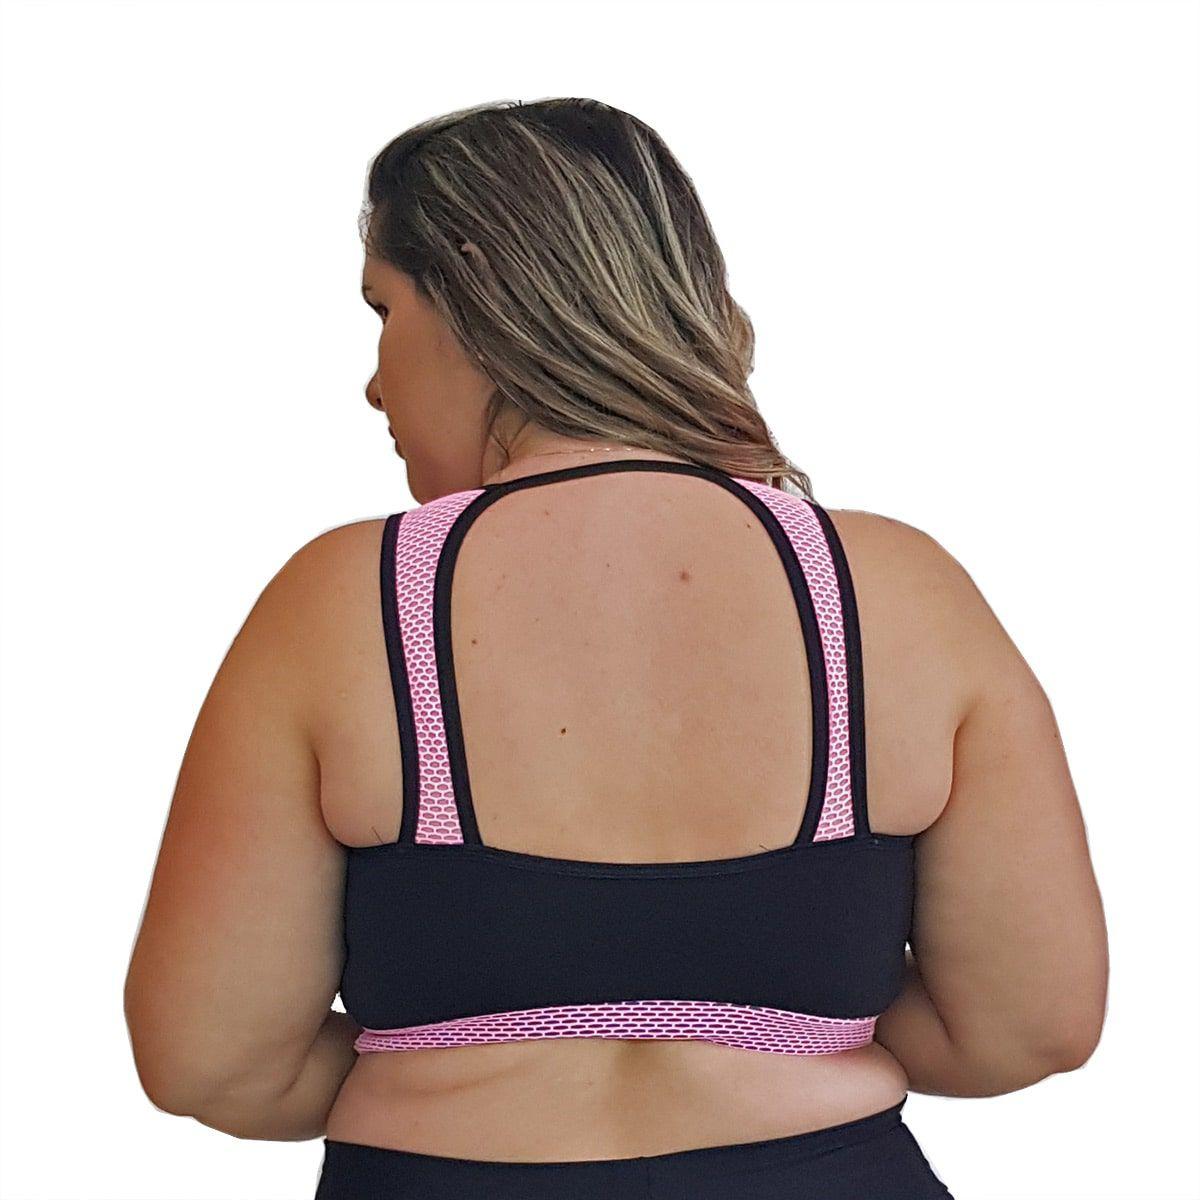 Top Fitness Plus Size em Suplex Preto com Detalhe em Tela Rosa Fluorescente nas Alças